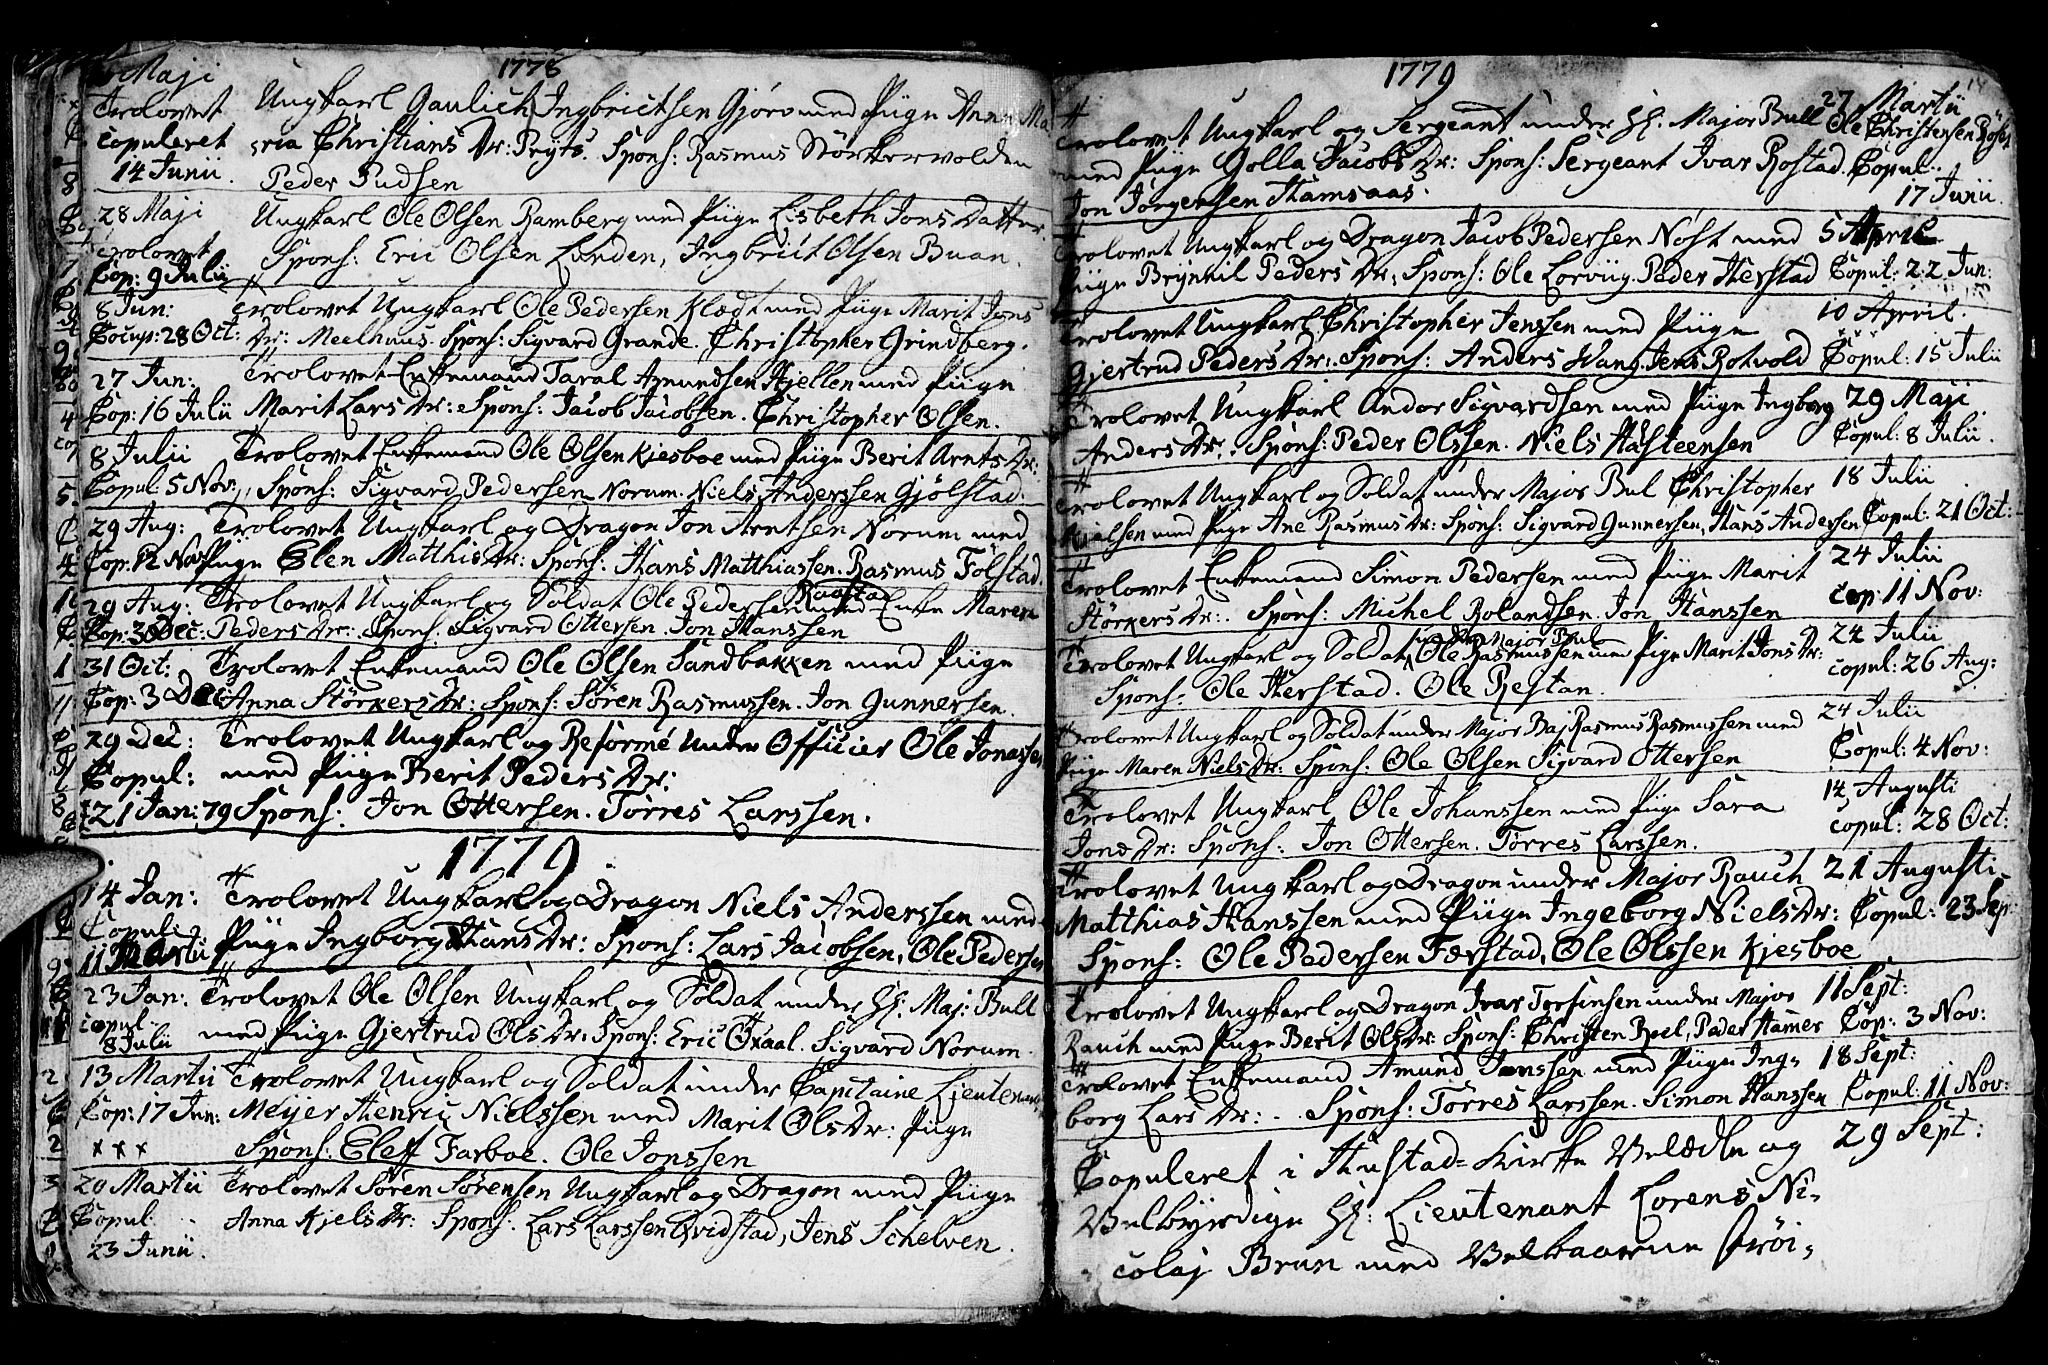 SAT, Ministerialprotokoller, klokkerbøker og fødselsregistre - Nord-Trøndelag, 730/L0273: Ministerialbok nr. 730A02, 1762-1802, s. 14